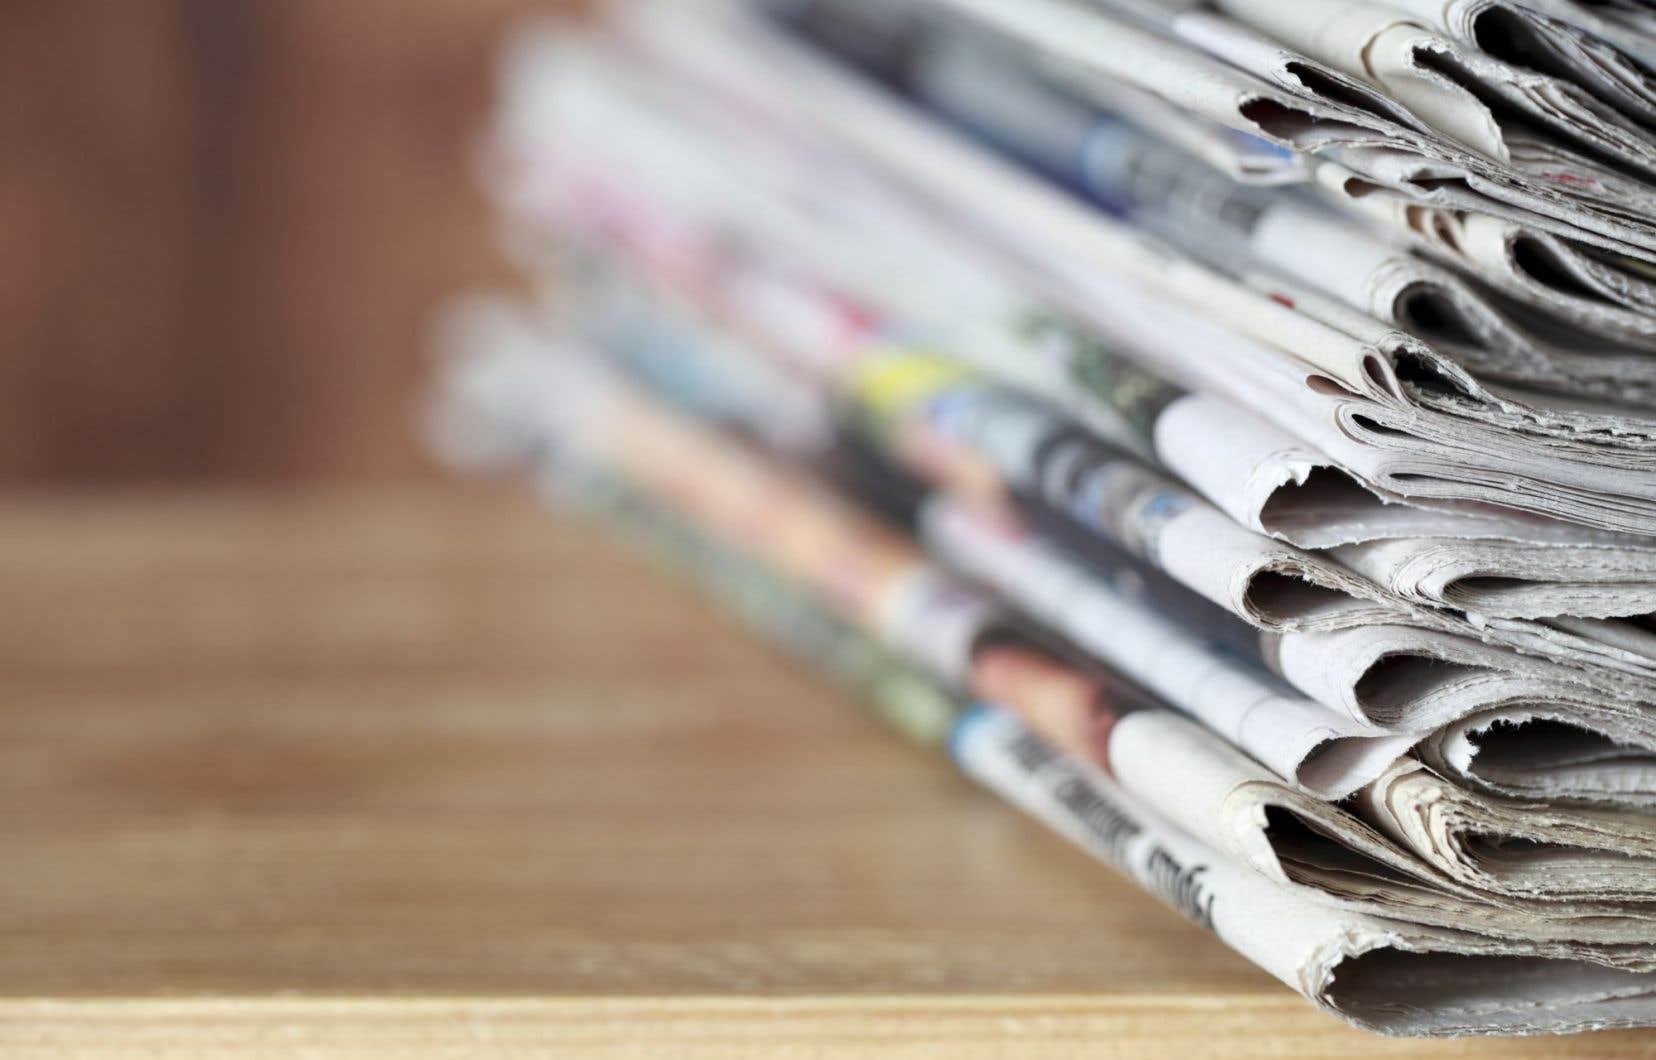 Entre 2010 et 2016, ces petites entreprises de presse ont vu les sommes payées en publicité par le gouvernement du Québec et ses agences fondre de près de 90 %.